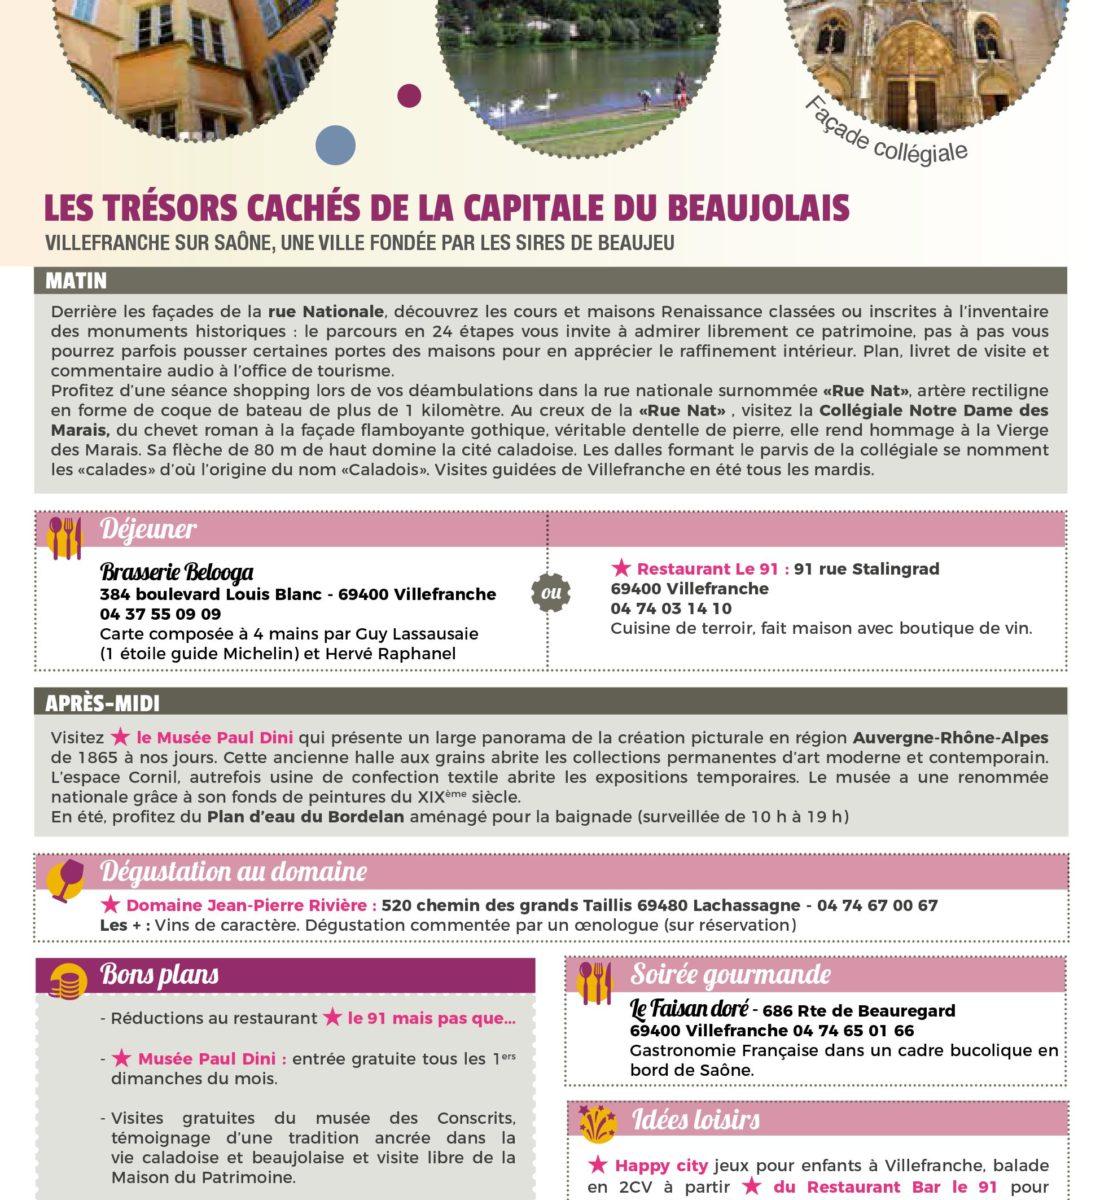 carnet de voyage 2019 - beaujolais - page 3